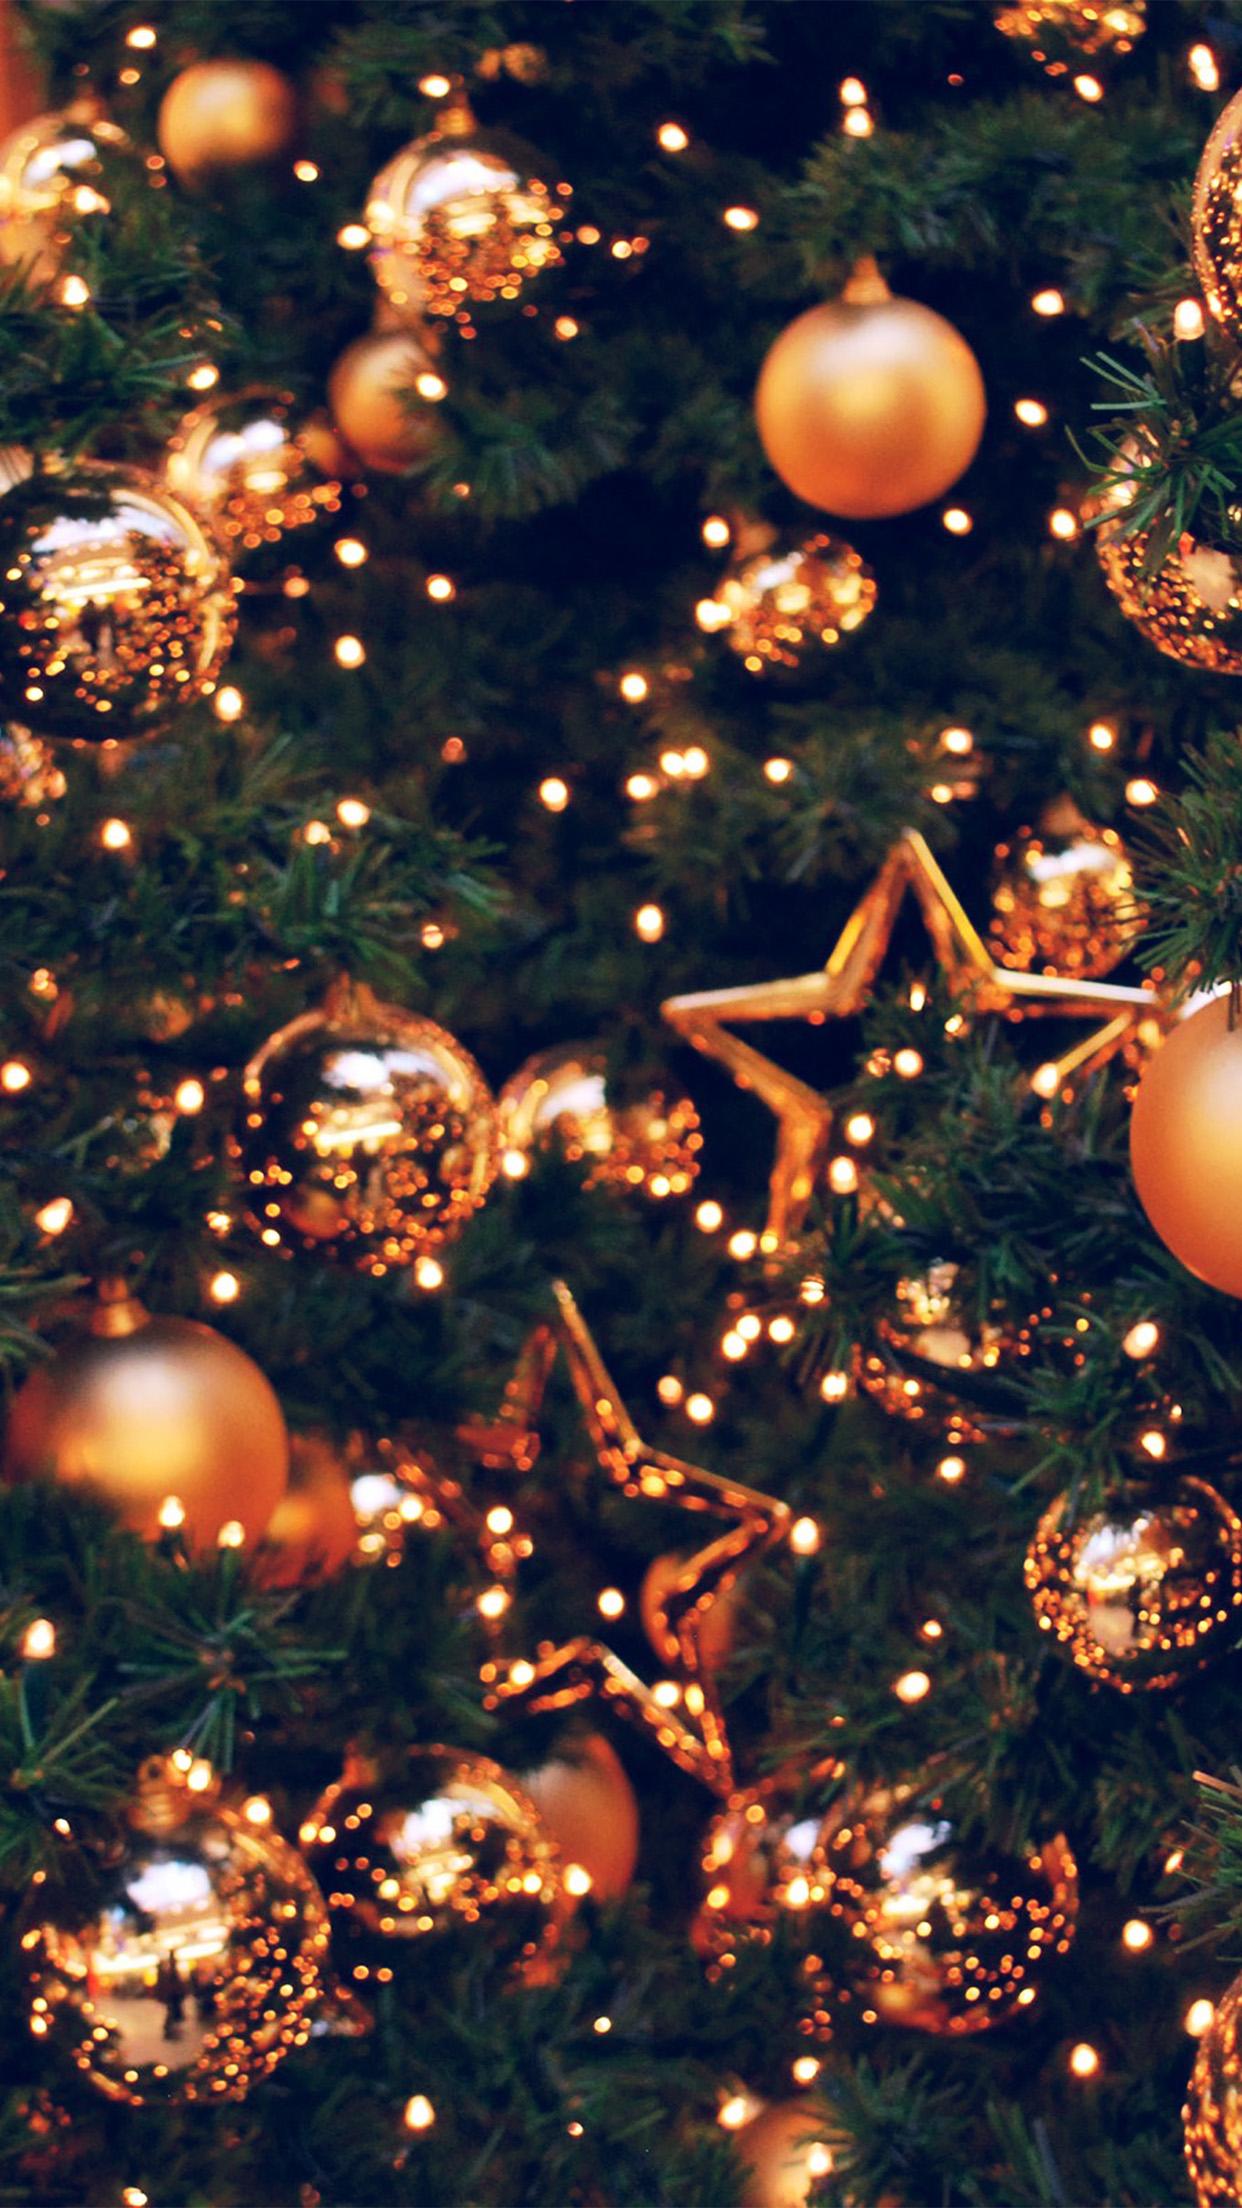 Av77 Decoration Holiday Christmas Illustration Art Gold